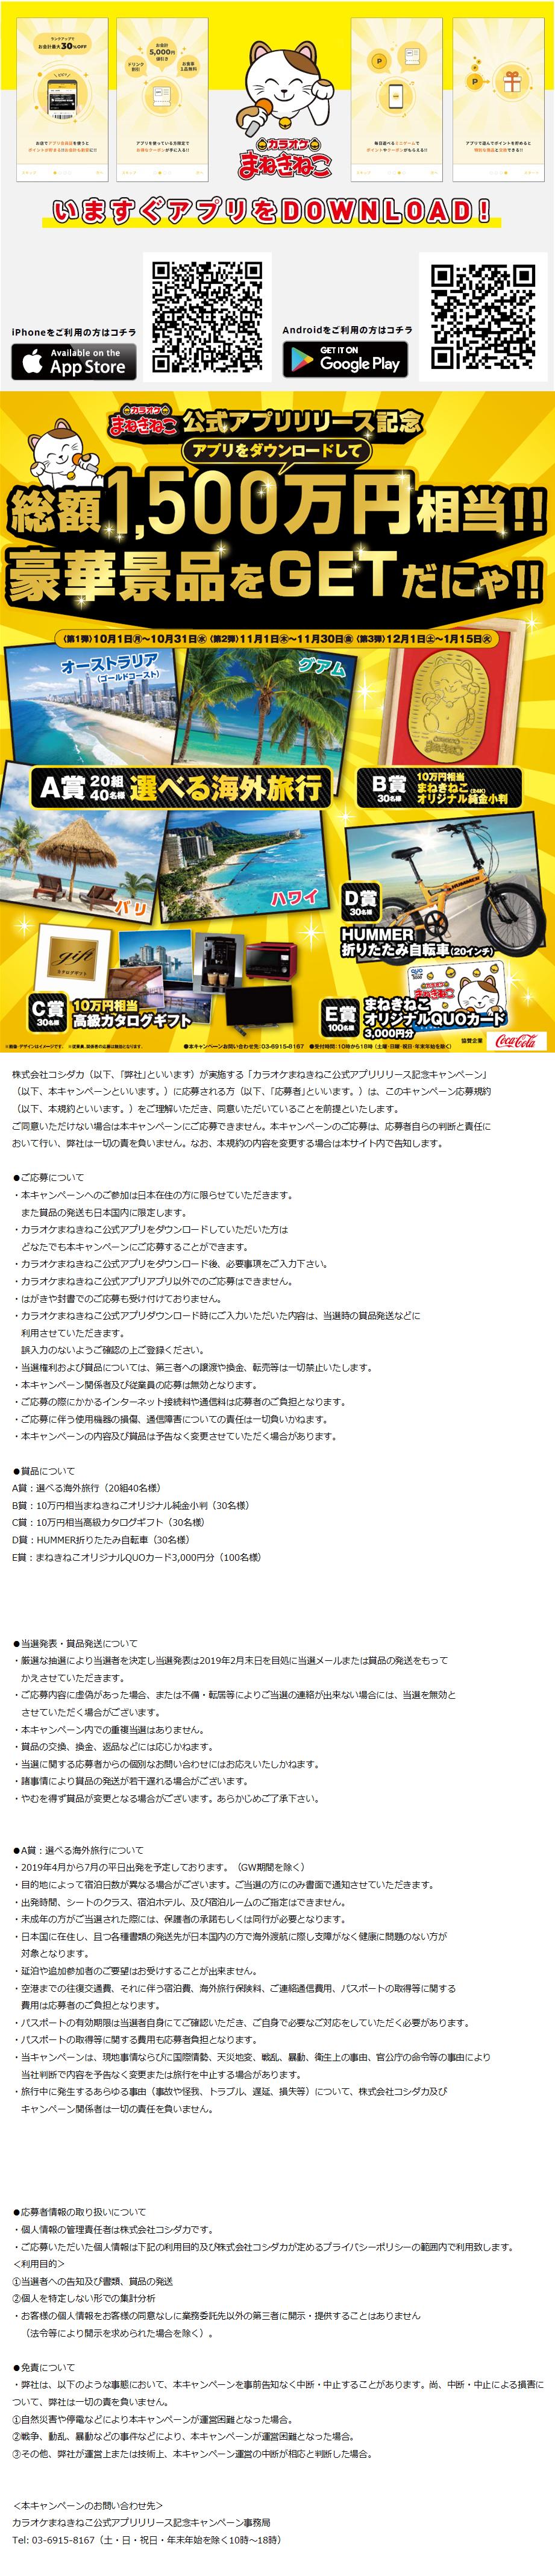 カラオケまねきねこの【まねきねこアプリ】登録キャンペーン実施中!のキャンペーン・フェアの詳細